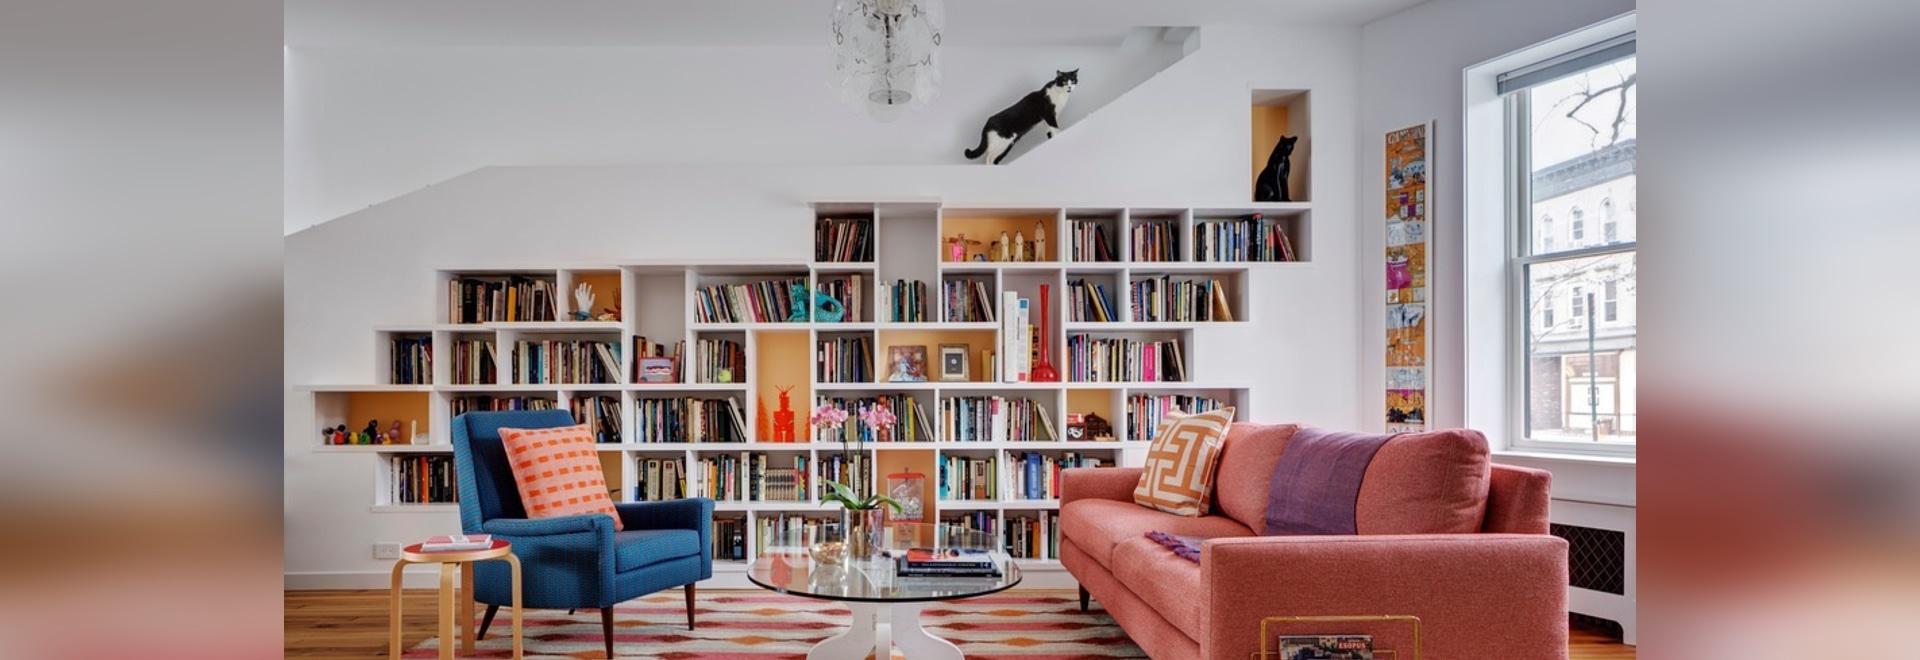 Une bibliothèque intégrée conçue pour des lignes de chats un mur ...